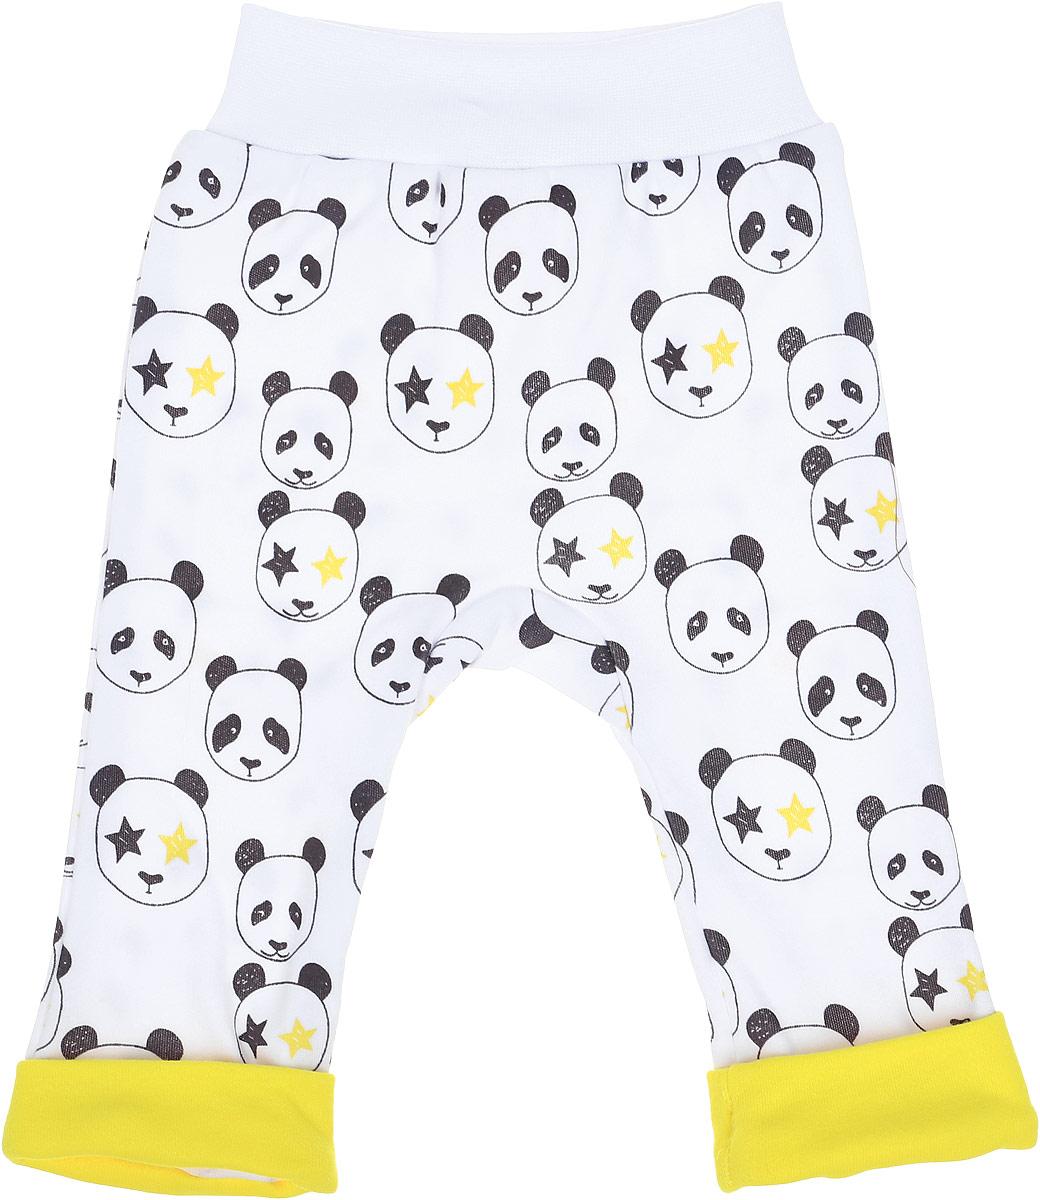 Ползунки КотМарКот Панда Rock, цвет: светло-бежевый, желтый. 5826. Размер 925826Удобные ползунки с открытыми ножками КотМарКот Панда Rock изготовлены из интерлока и оформлены ярким принтом с изображением панд. Модель с декоративными отворотами стандартной посадки на поясе имеет широкую эластичную резинку, которая плотно облегает, но не сдавливает животик ребенка.Материал ползунков мягкий и тактильно приятный, не раздражает нежную кожу ребенка и хорошо пропускает воздух. Изделие полностью соответствует особенностям жизни ребенка в ранний период, не стесняя и не ограничивая его в движениях.